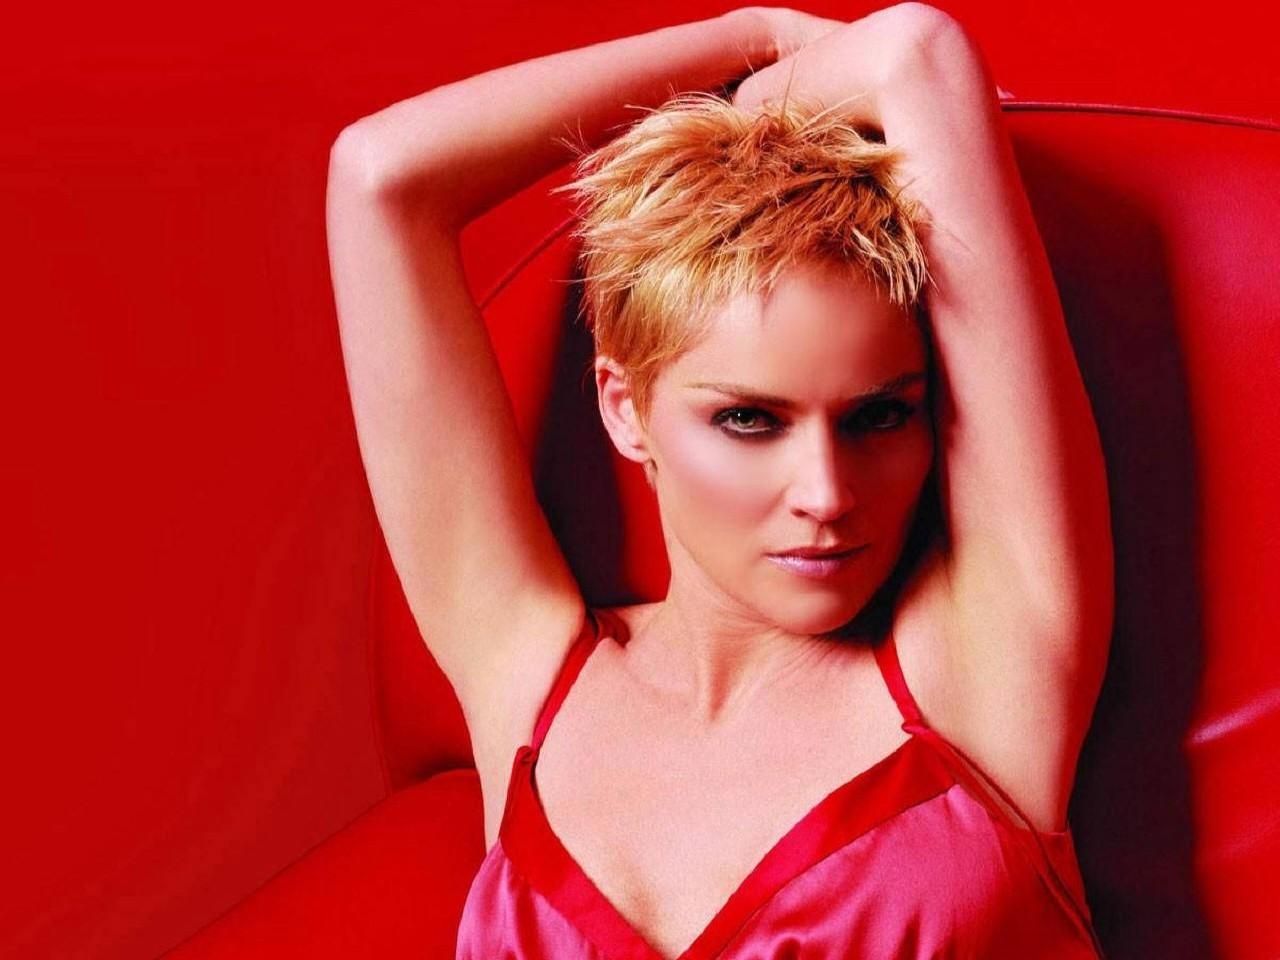 Wallpaper rosso fuoco con Sharon Stone